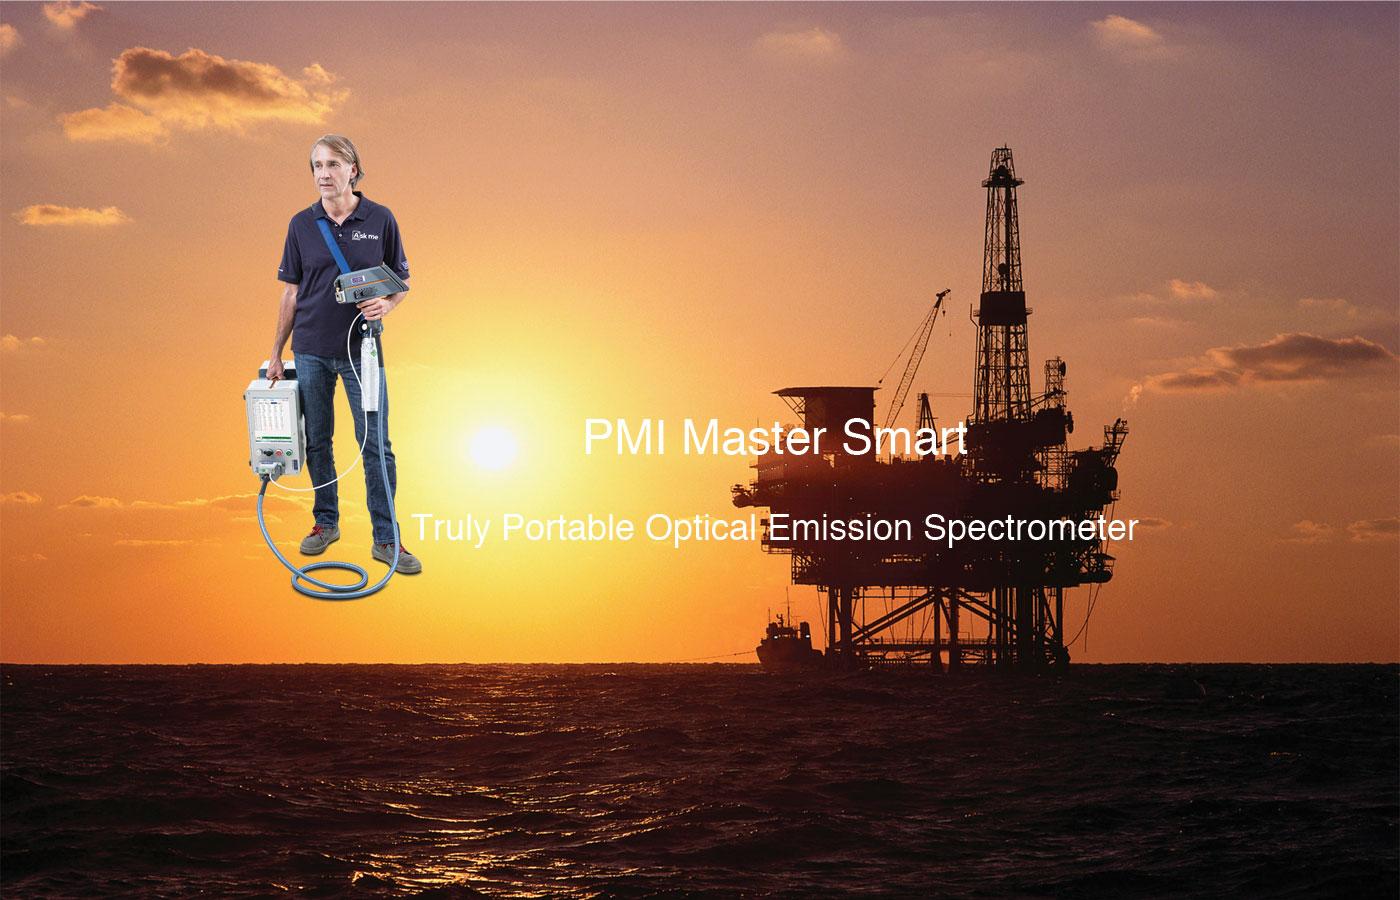 PMI-Master-Smart